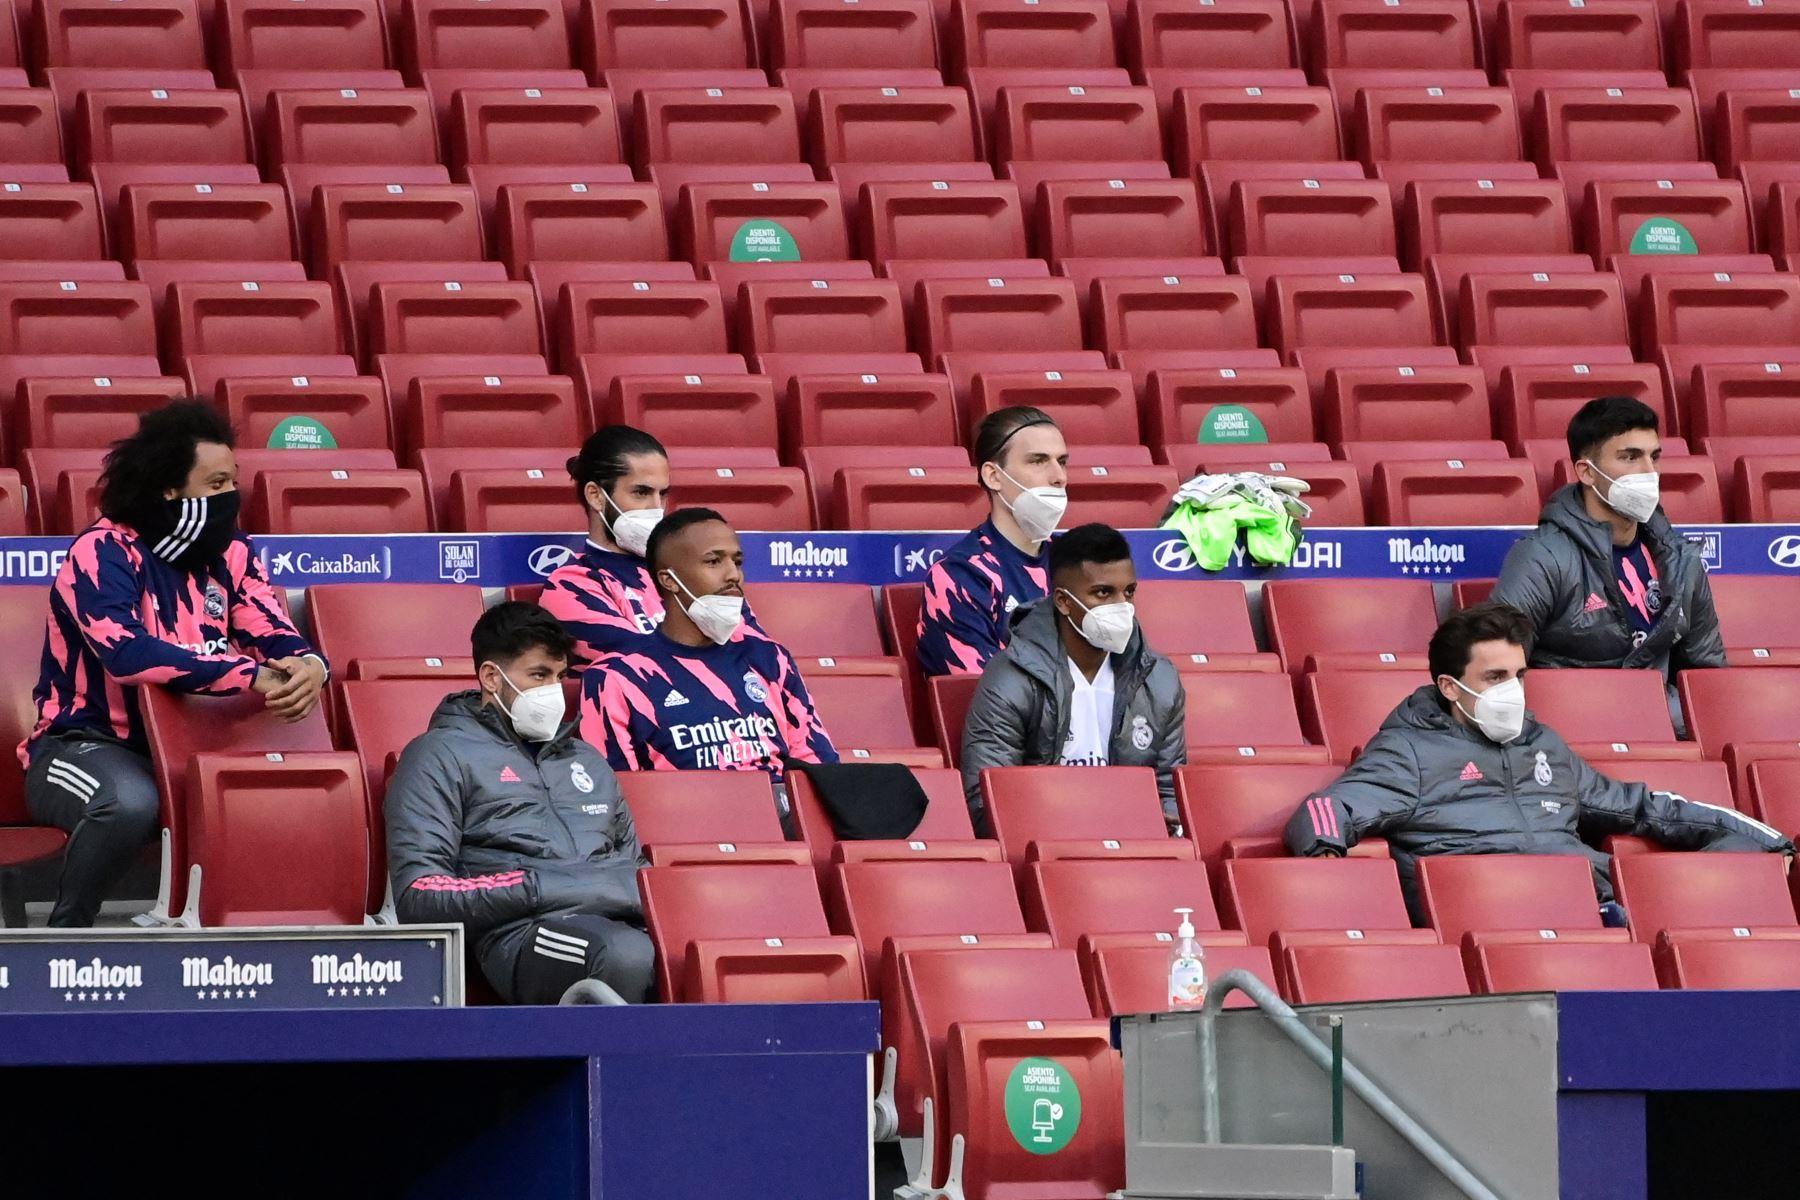 Los jugadores del Real Madrid se sientan con máscaras durante el partido de fútbol de la liga española Club Atlético de Madrid contra el Real Madrid CF en el estadio Wanda Metropolitano de Madrid. Foto: AFP